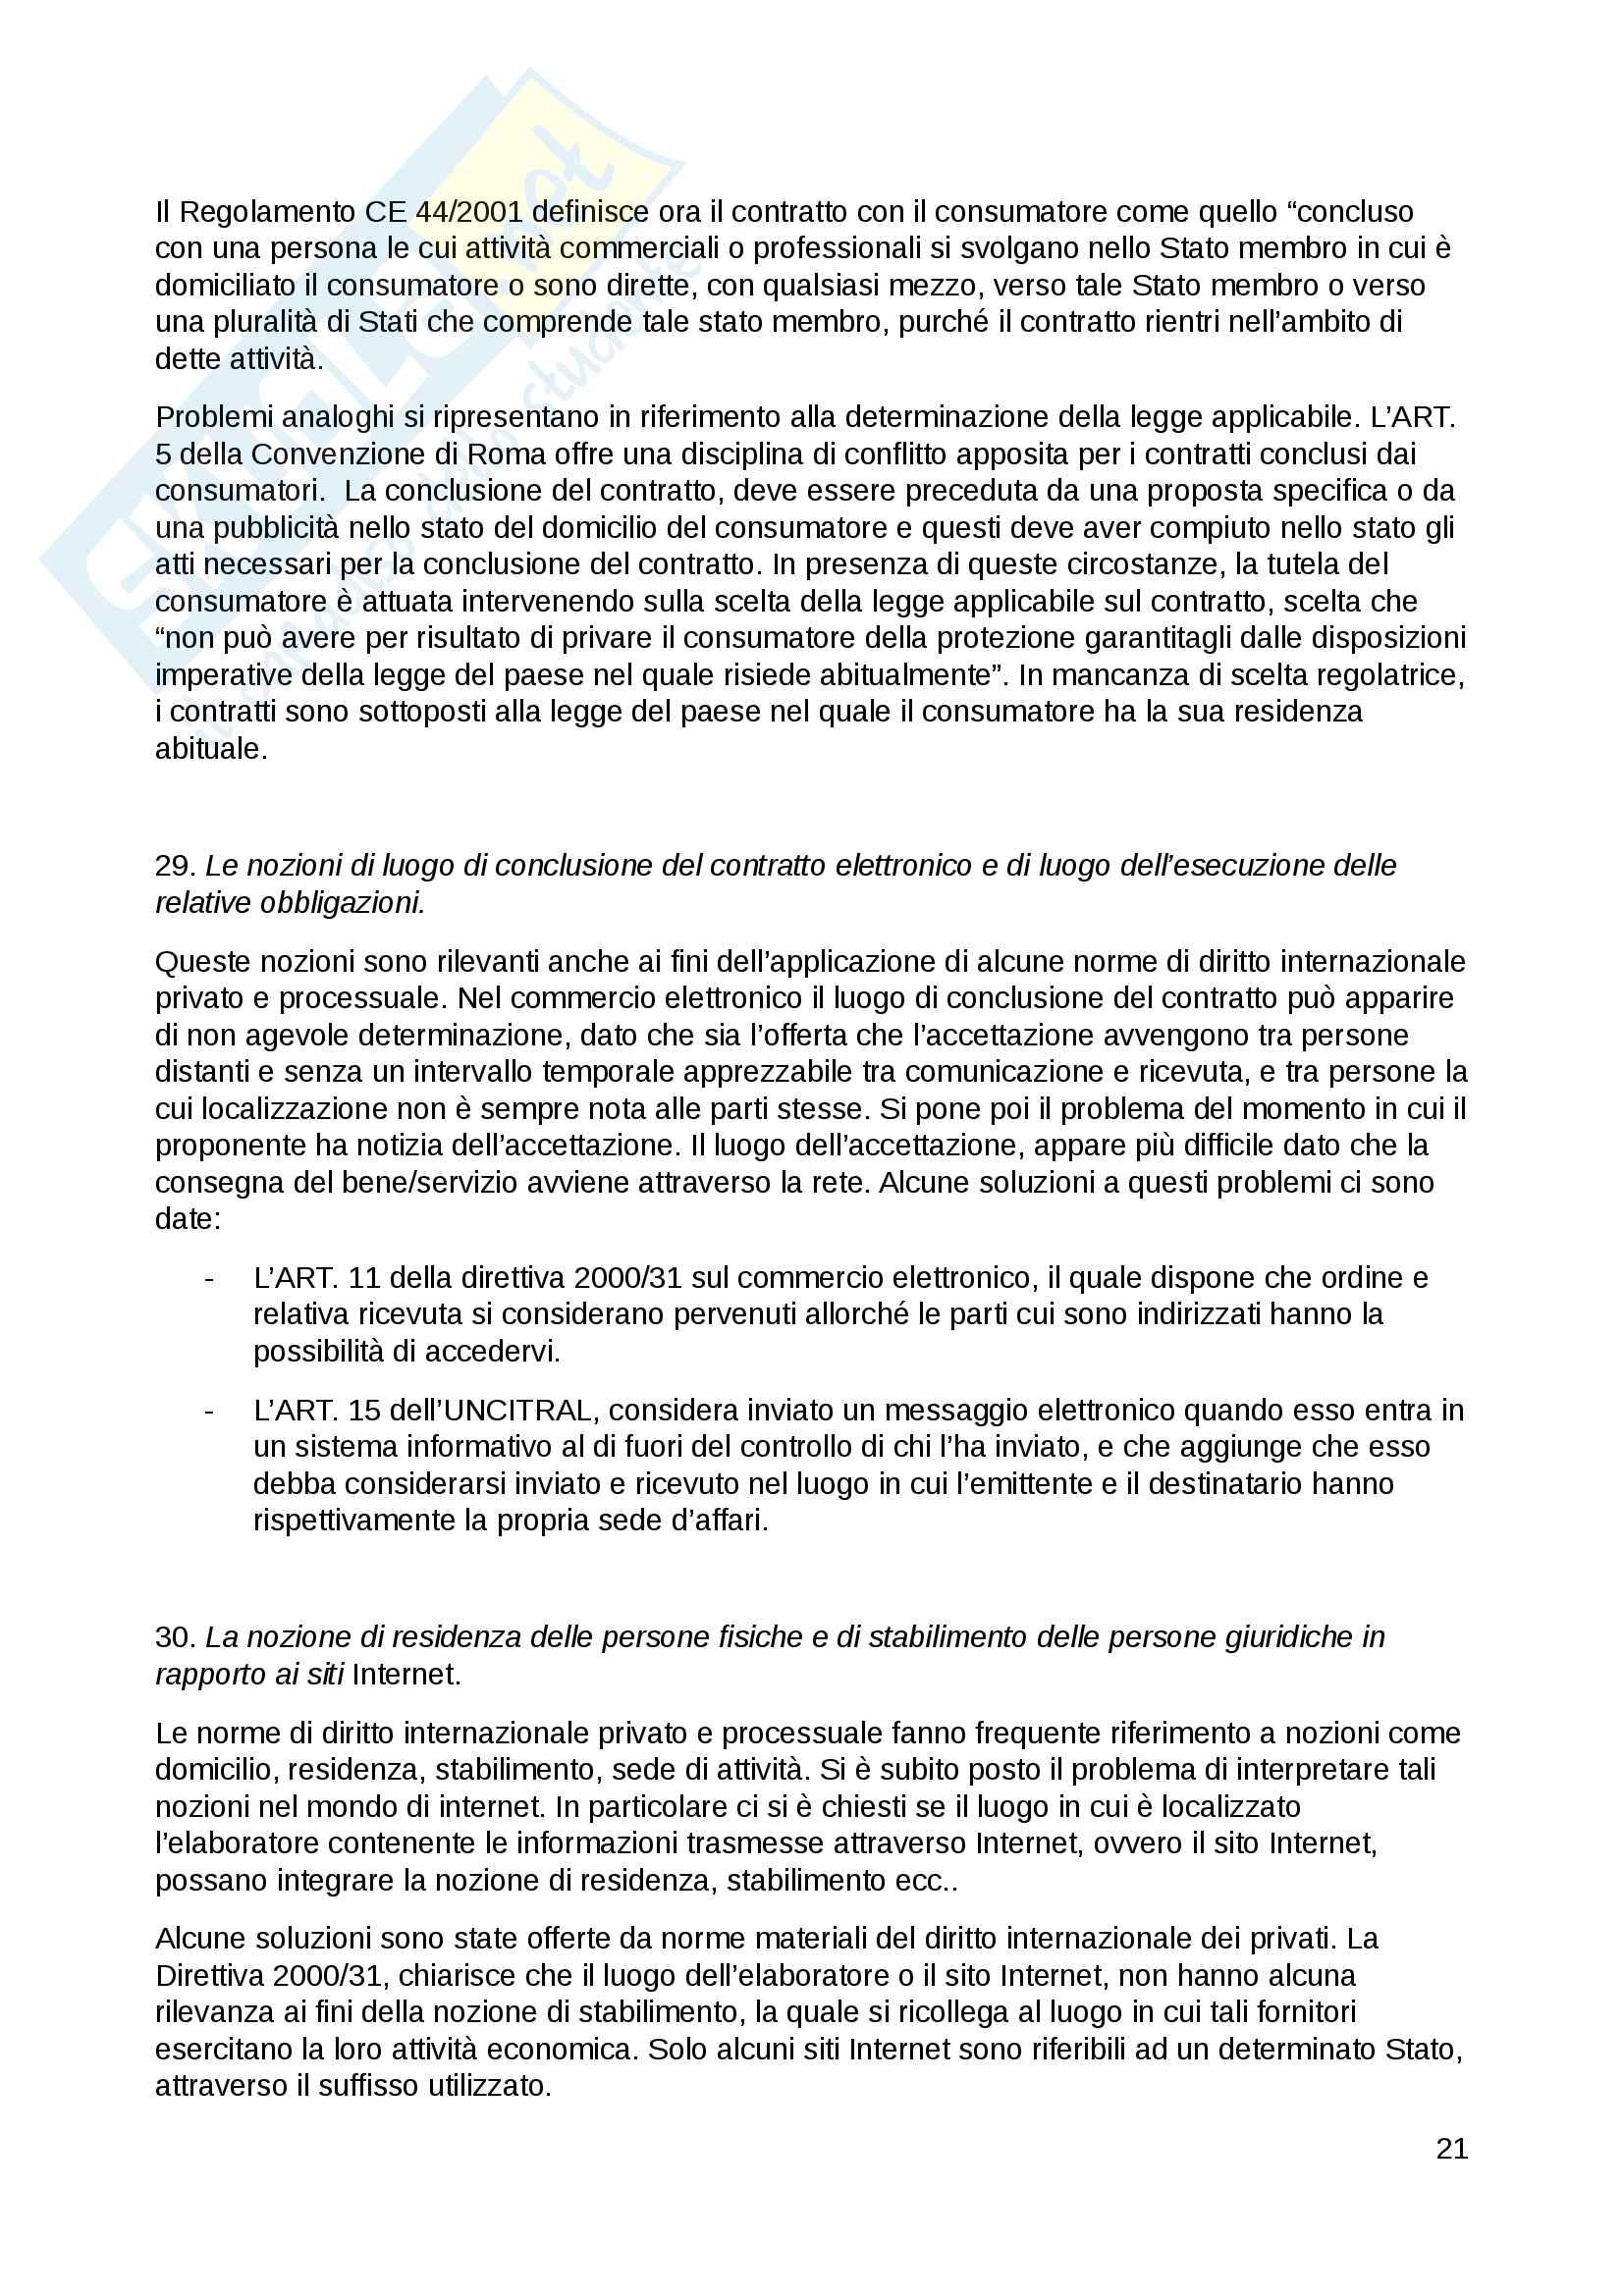 """Riassunto esame per l'esame di """"Internet nel diritto internazionale"""", prof. Draetta, libro consigliato """"Internet e commercio elettronico nel diritto internazionale dei privati"""" di Draetta Pag. 21"""